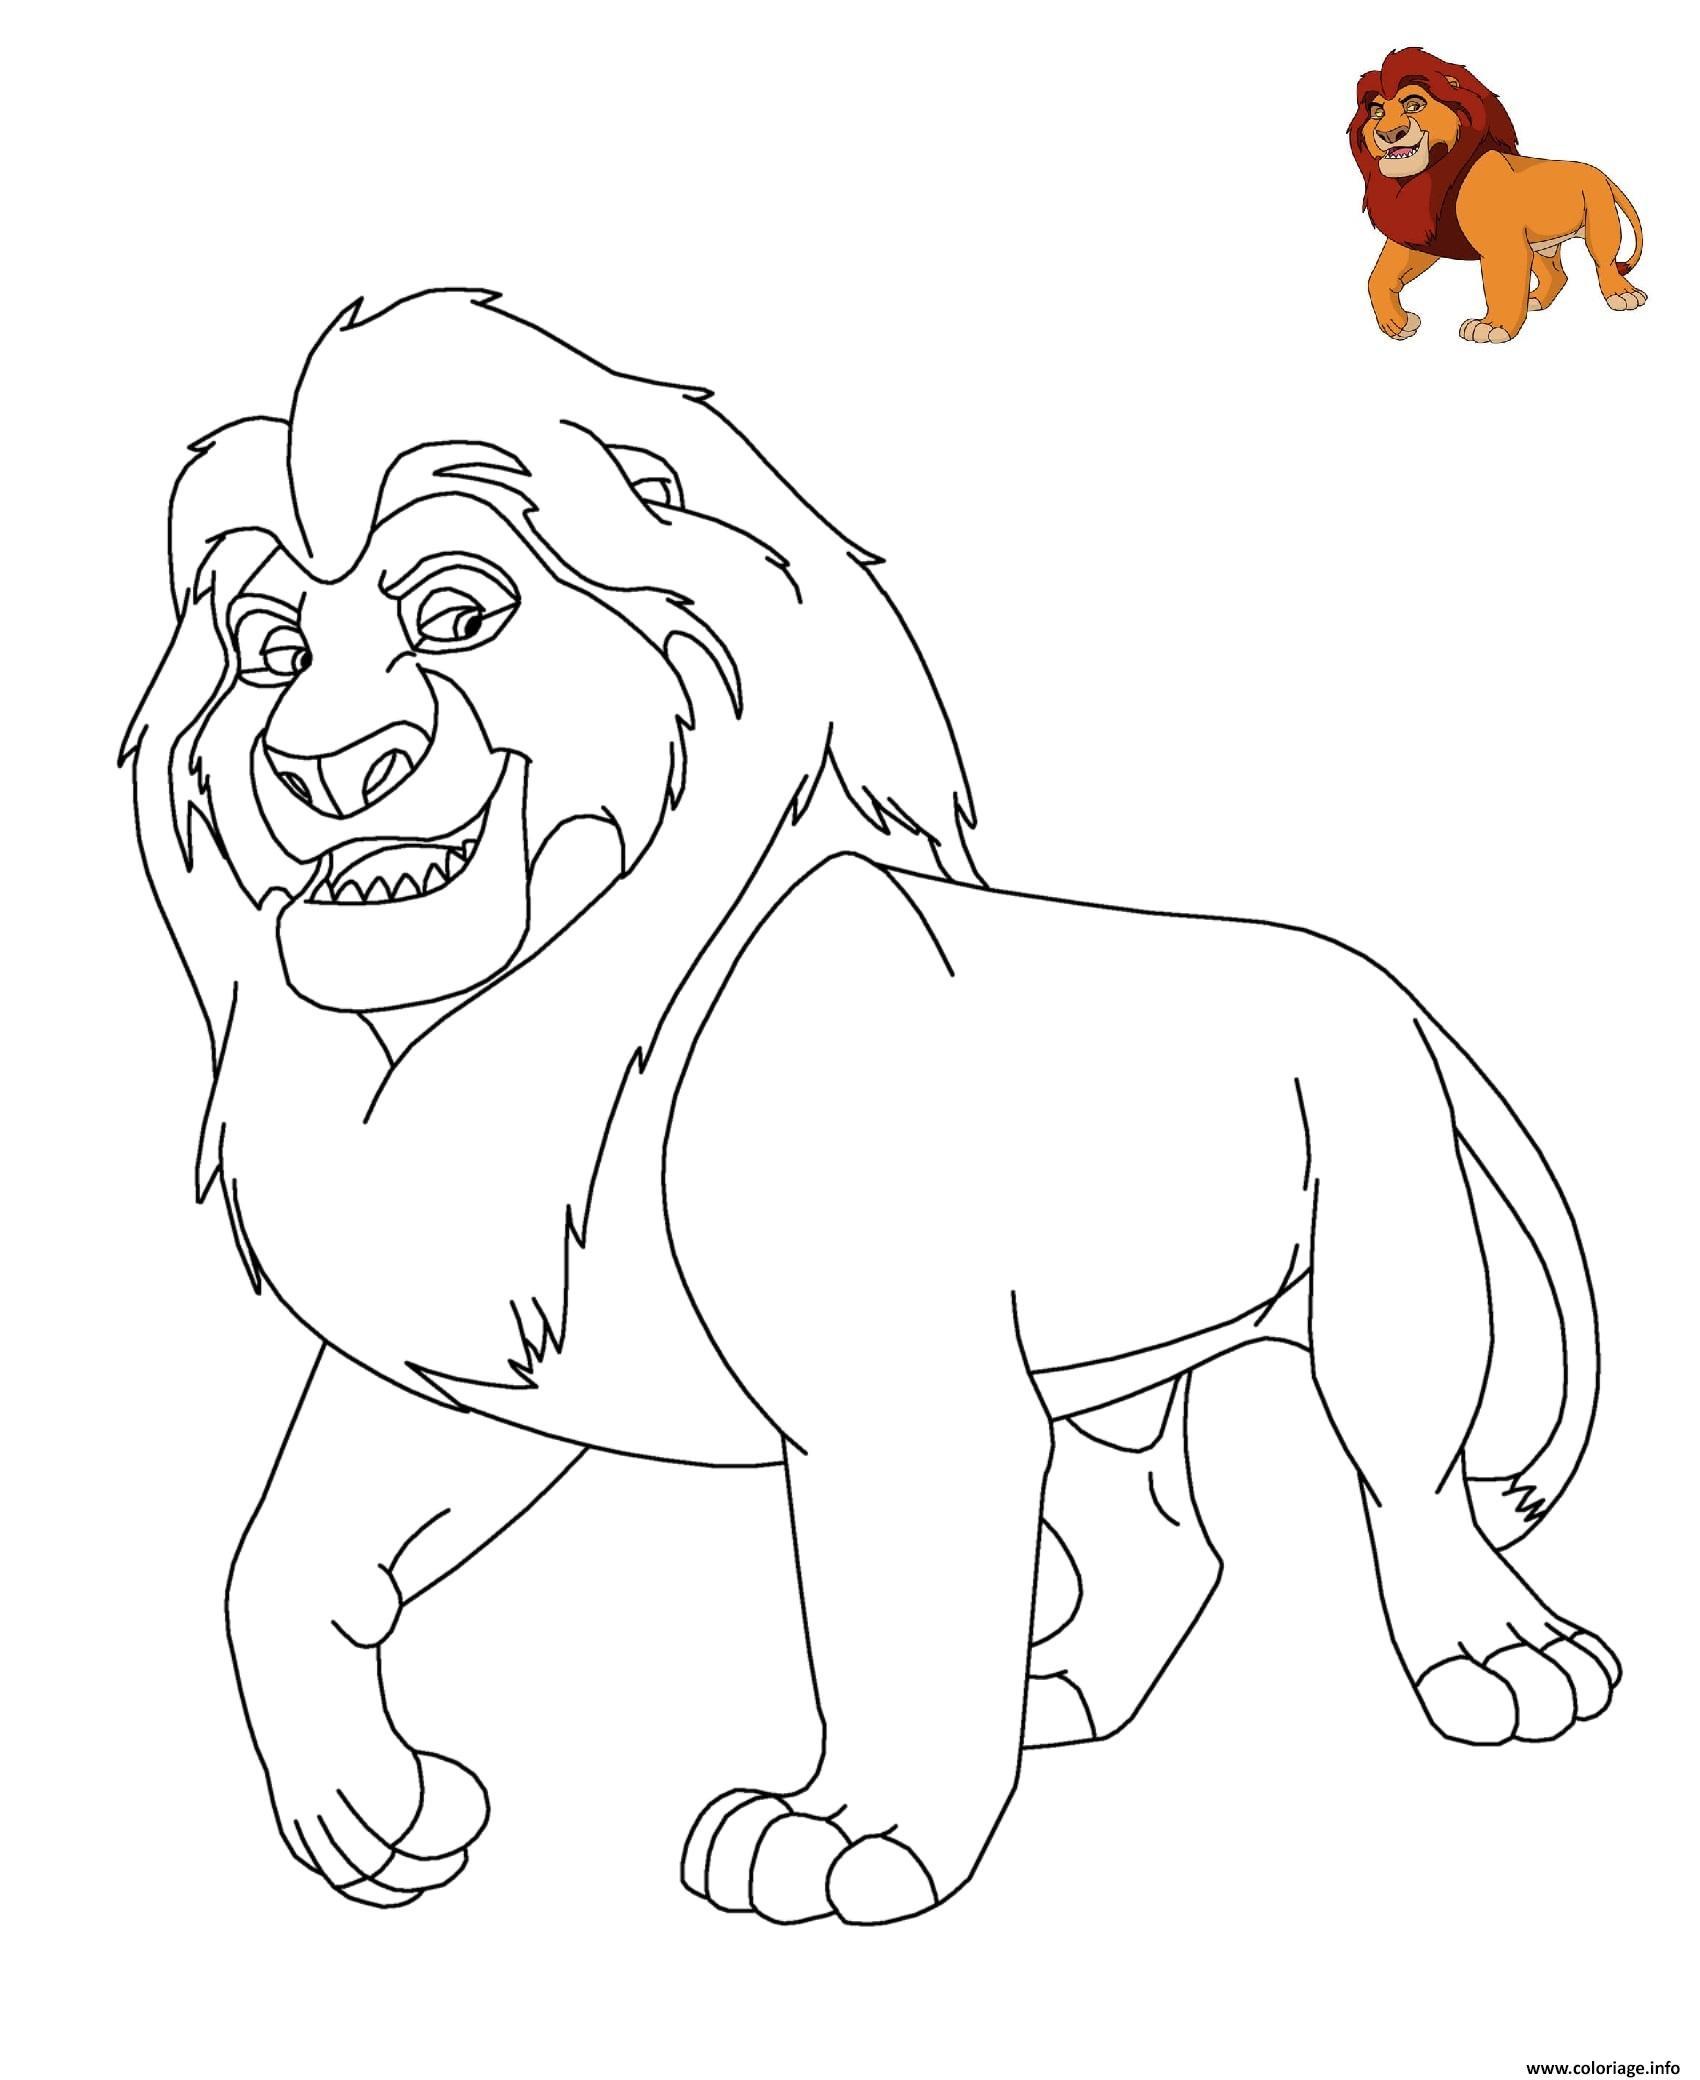 Dessin Le Roi Lion Disney Coloriage Gratuit à Imprimer